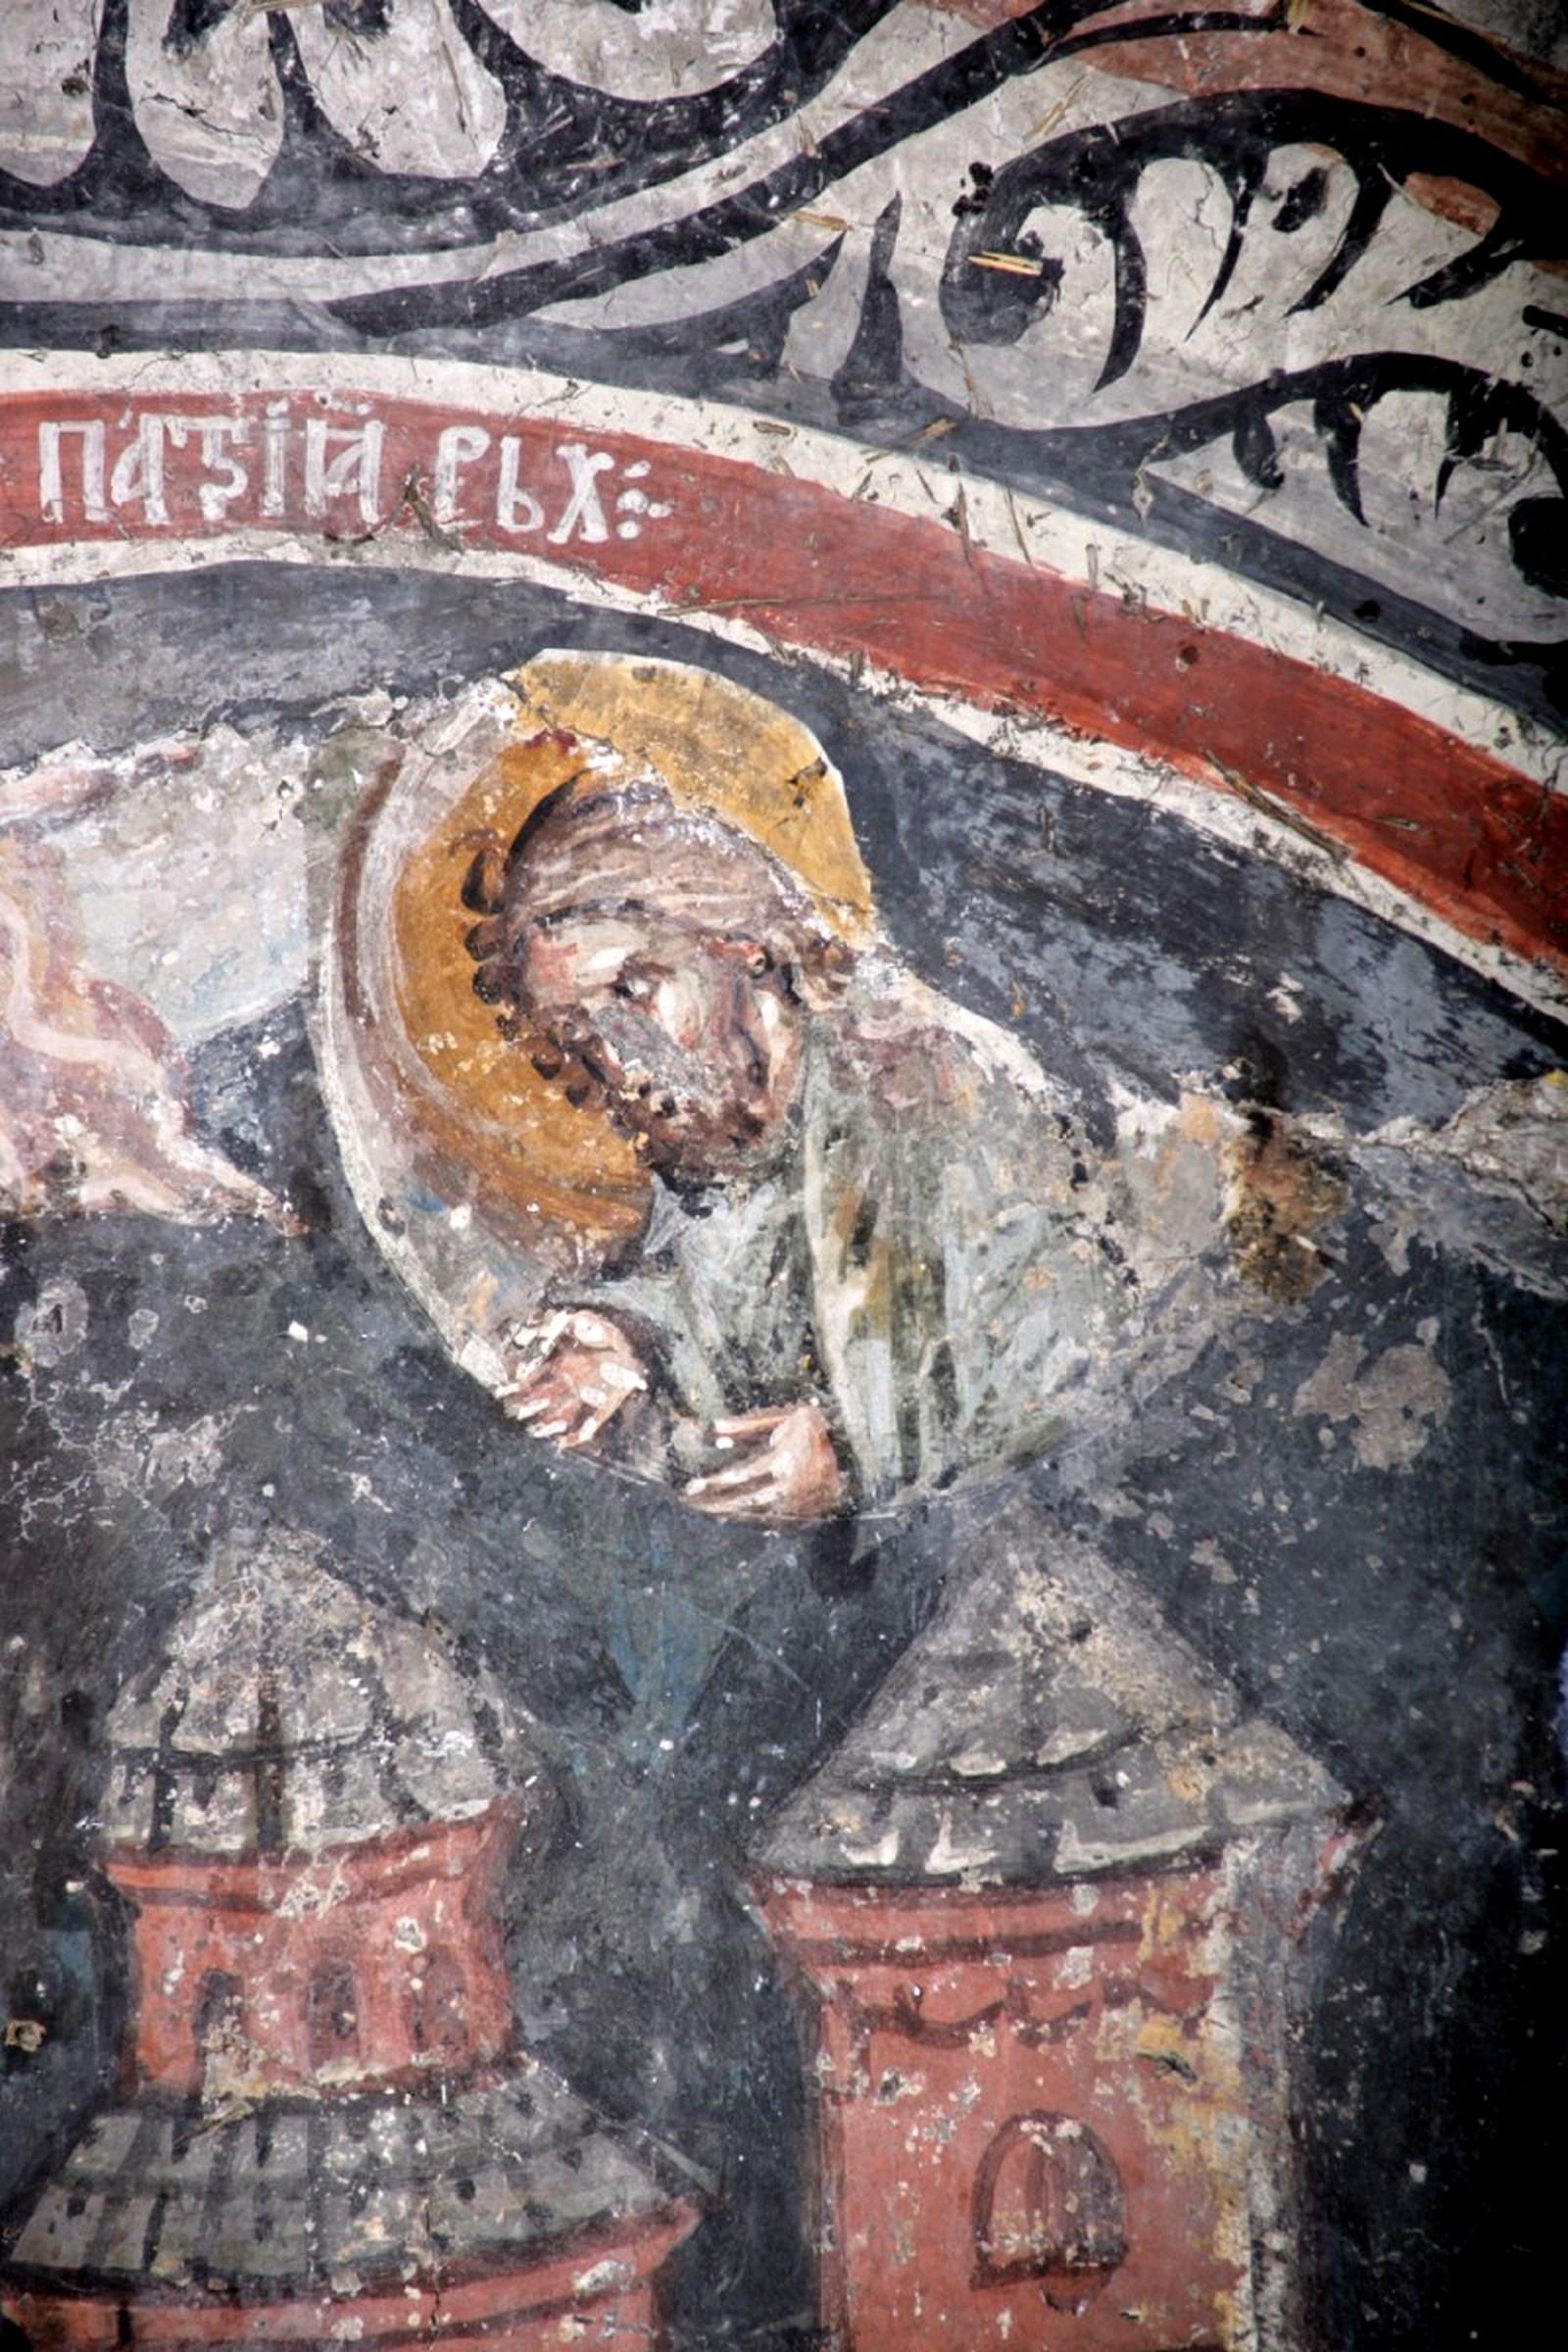 Успение Святителя Иоанникия II, Патриарха Сербского. Фреска над гробницей Святителя в Печской Патриархии, Косово, Сербия. Около 1355 года. Фрагмент.